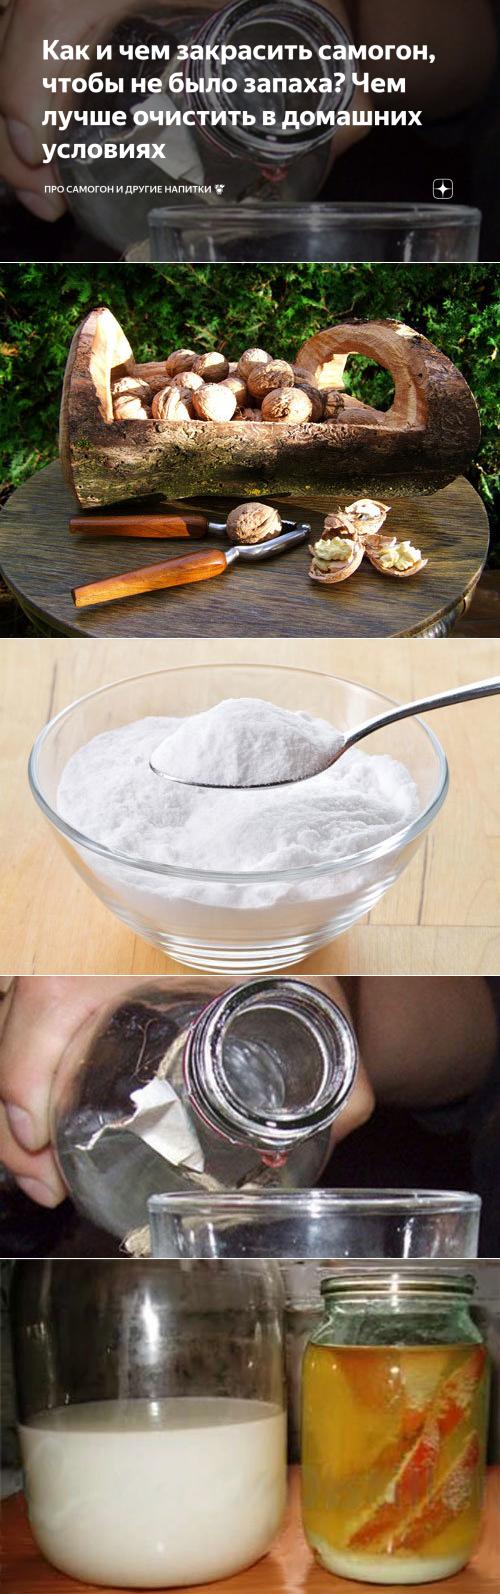 Чем закрасить самогон: чтобы убрать запах быстро в домашних условиях, лучшие рецепты